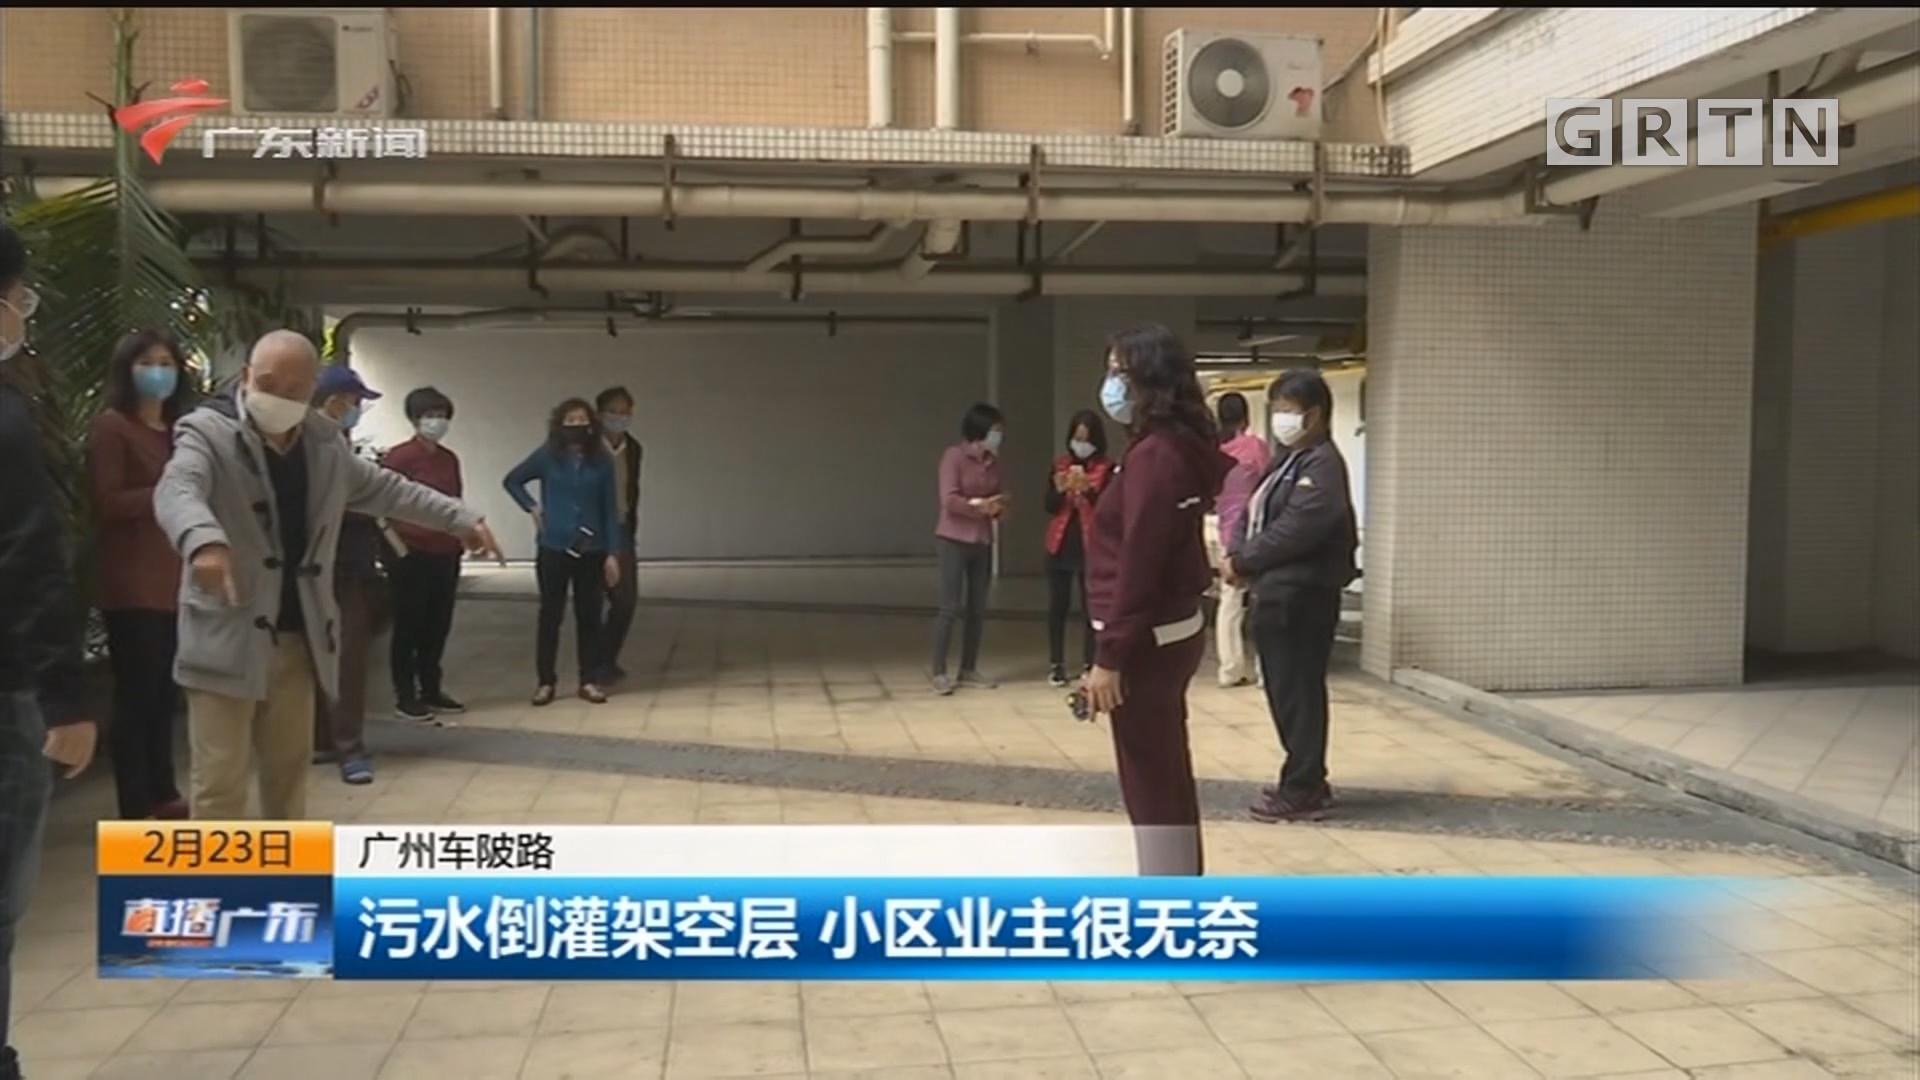 广州车陂路 污水倒灌架空层 小区业主很无奈